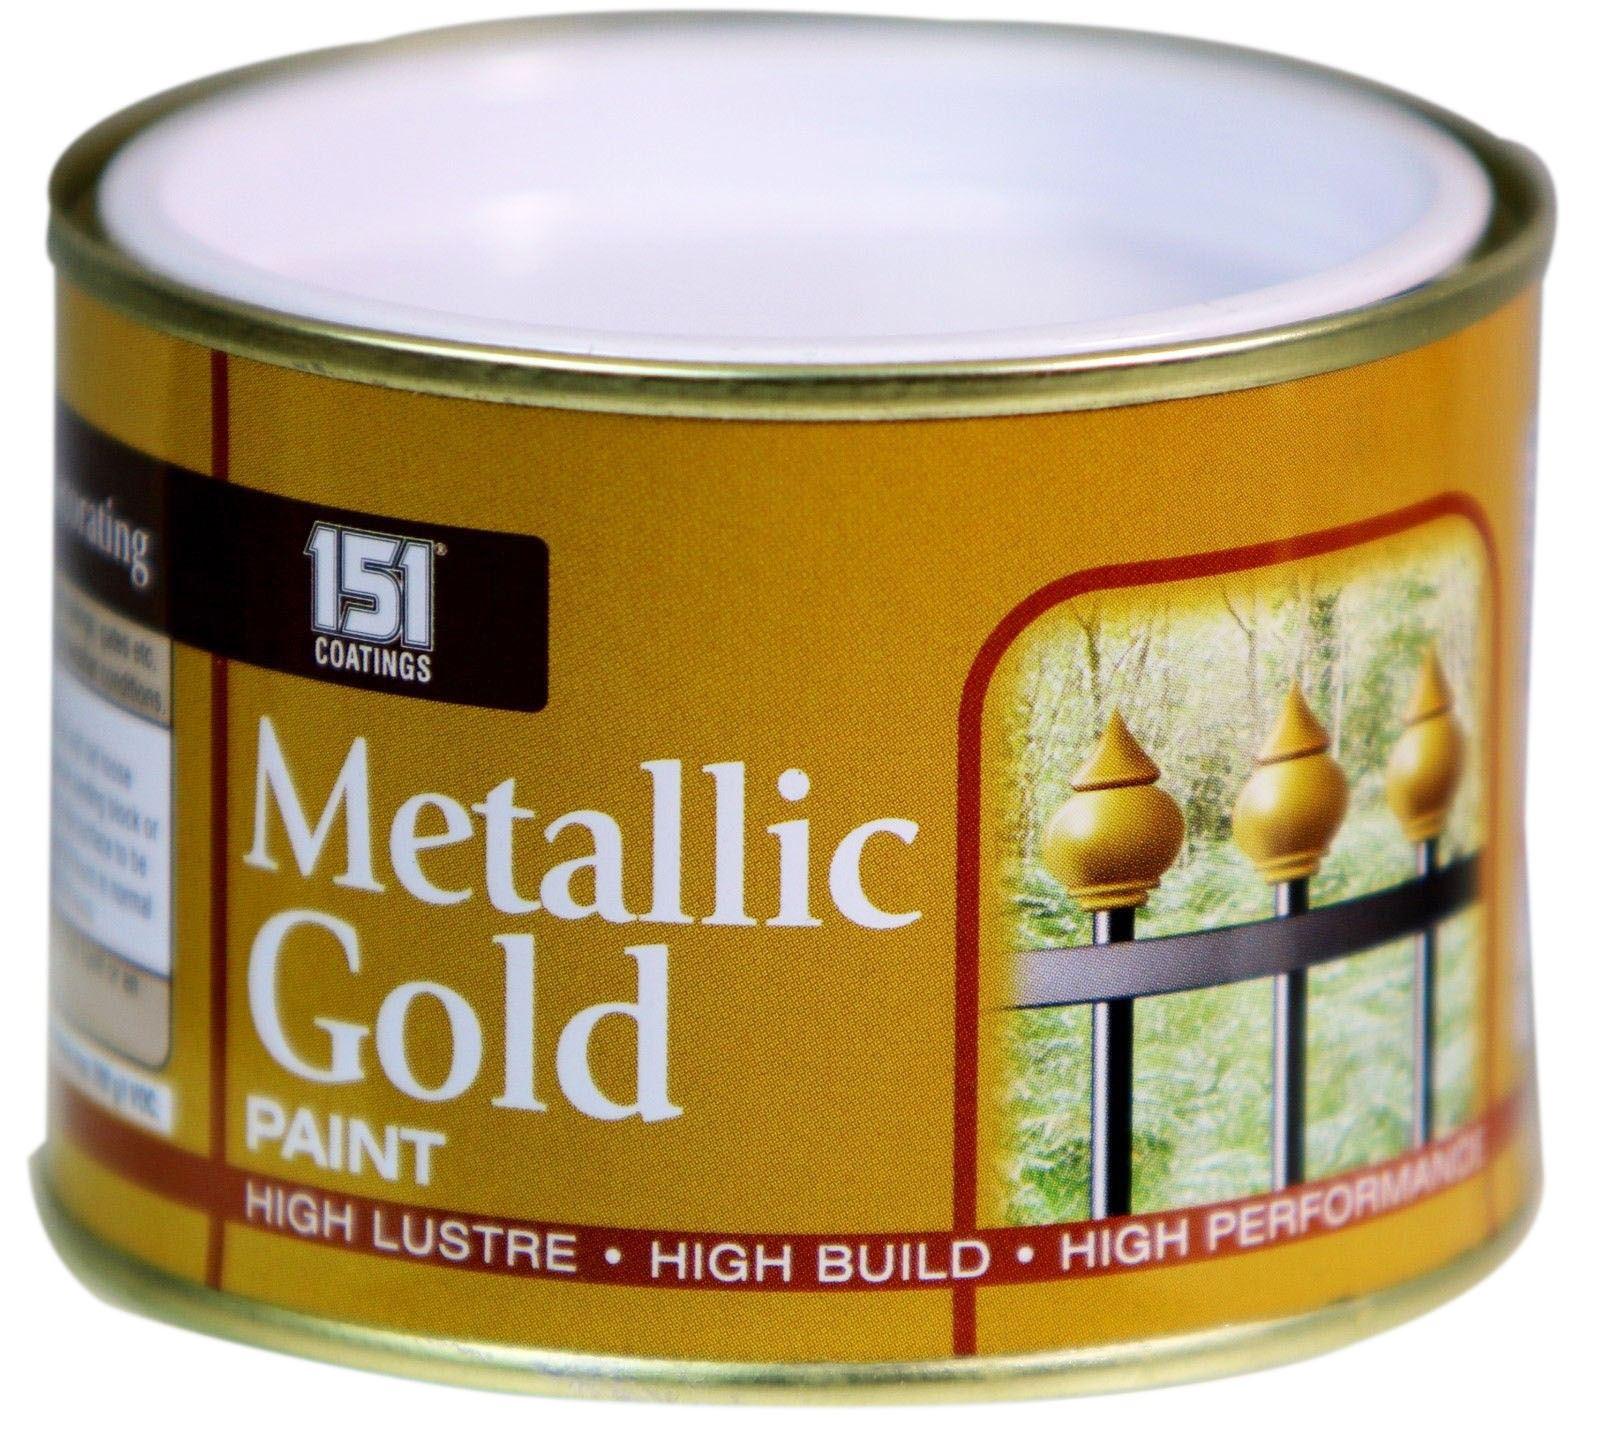 New 180ml metallic gold exterior interior paint tough durable metal wood - Exterior wood and metal paint set ...